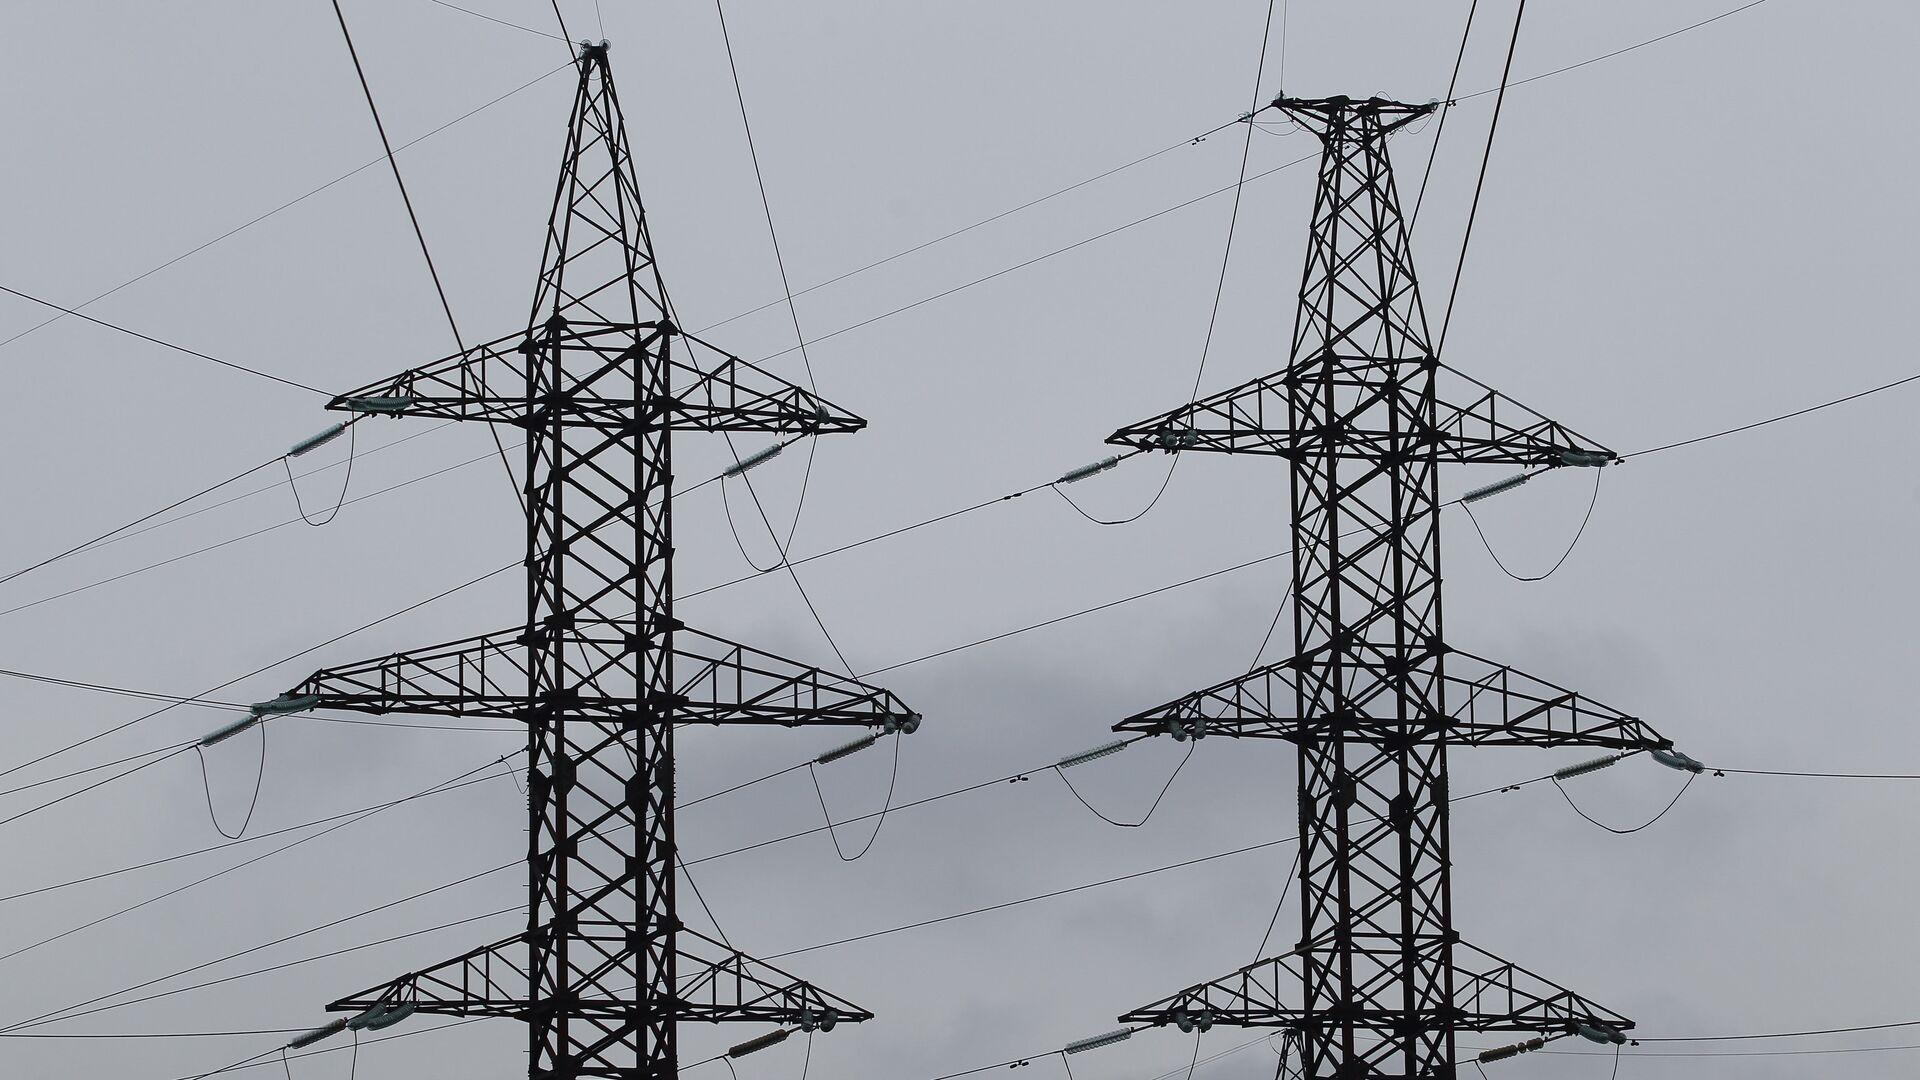 Электрическая подстанция - Sputnik Латвия, 1920, 02.07.2021